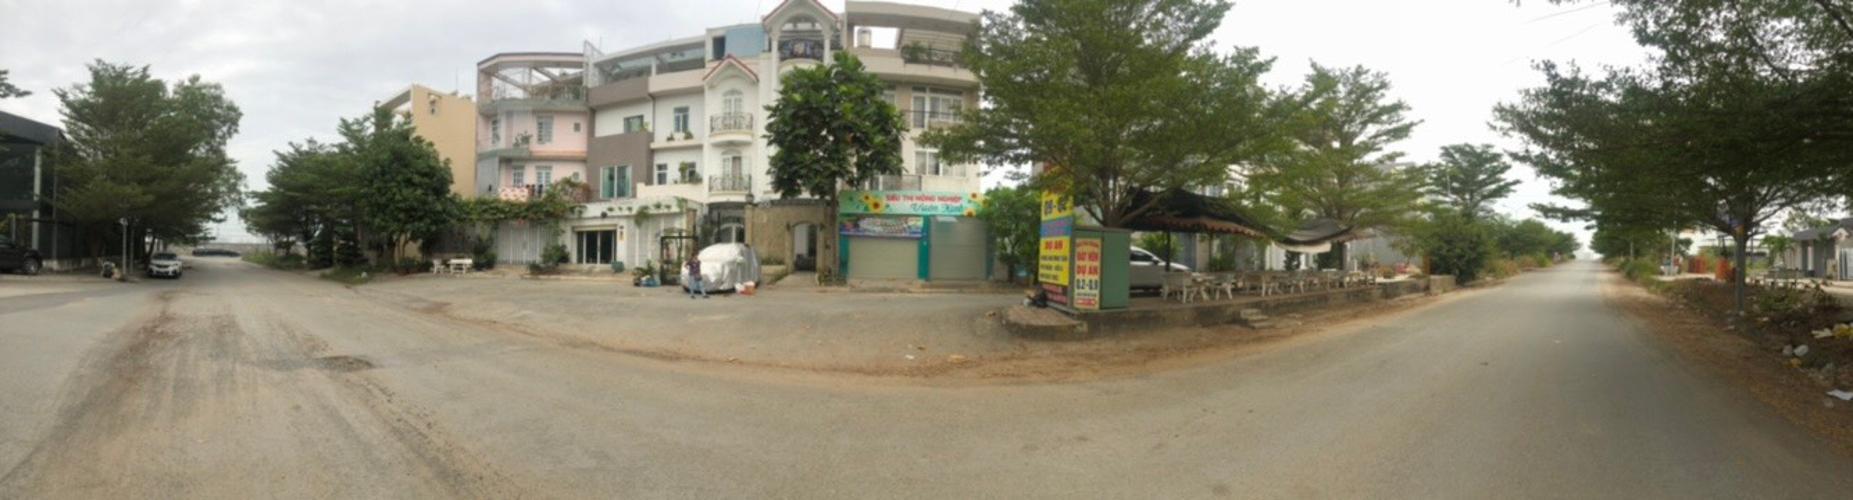 Đường nhà phố Quận 9 Nhà phố KDC Hoàng Anh Minh Tuấn Quận 9 nhà bàn giao đầy đủ nội thất.